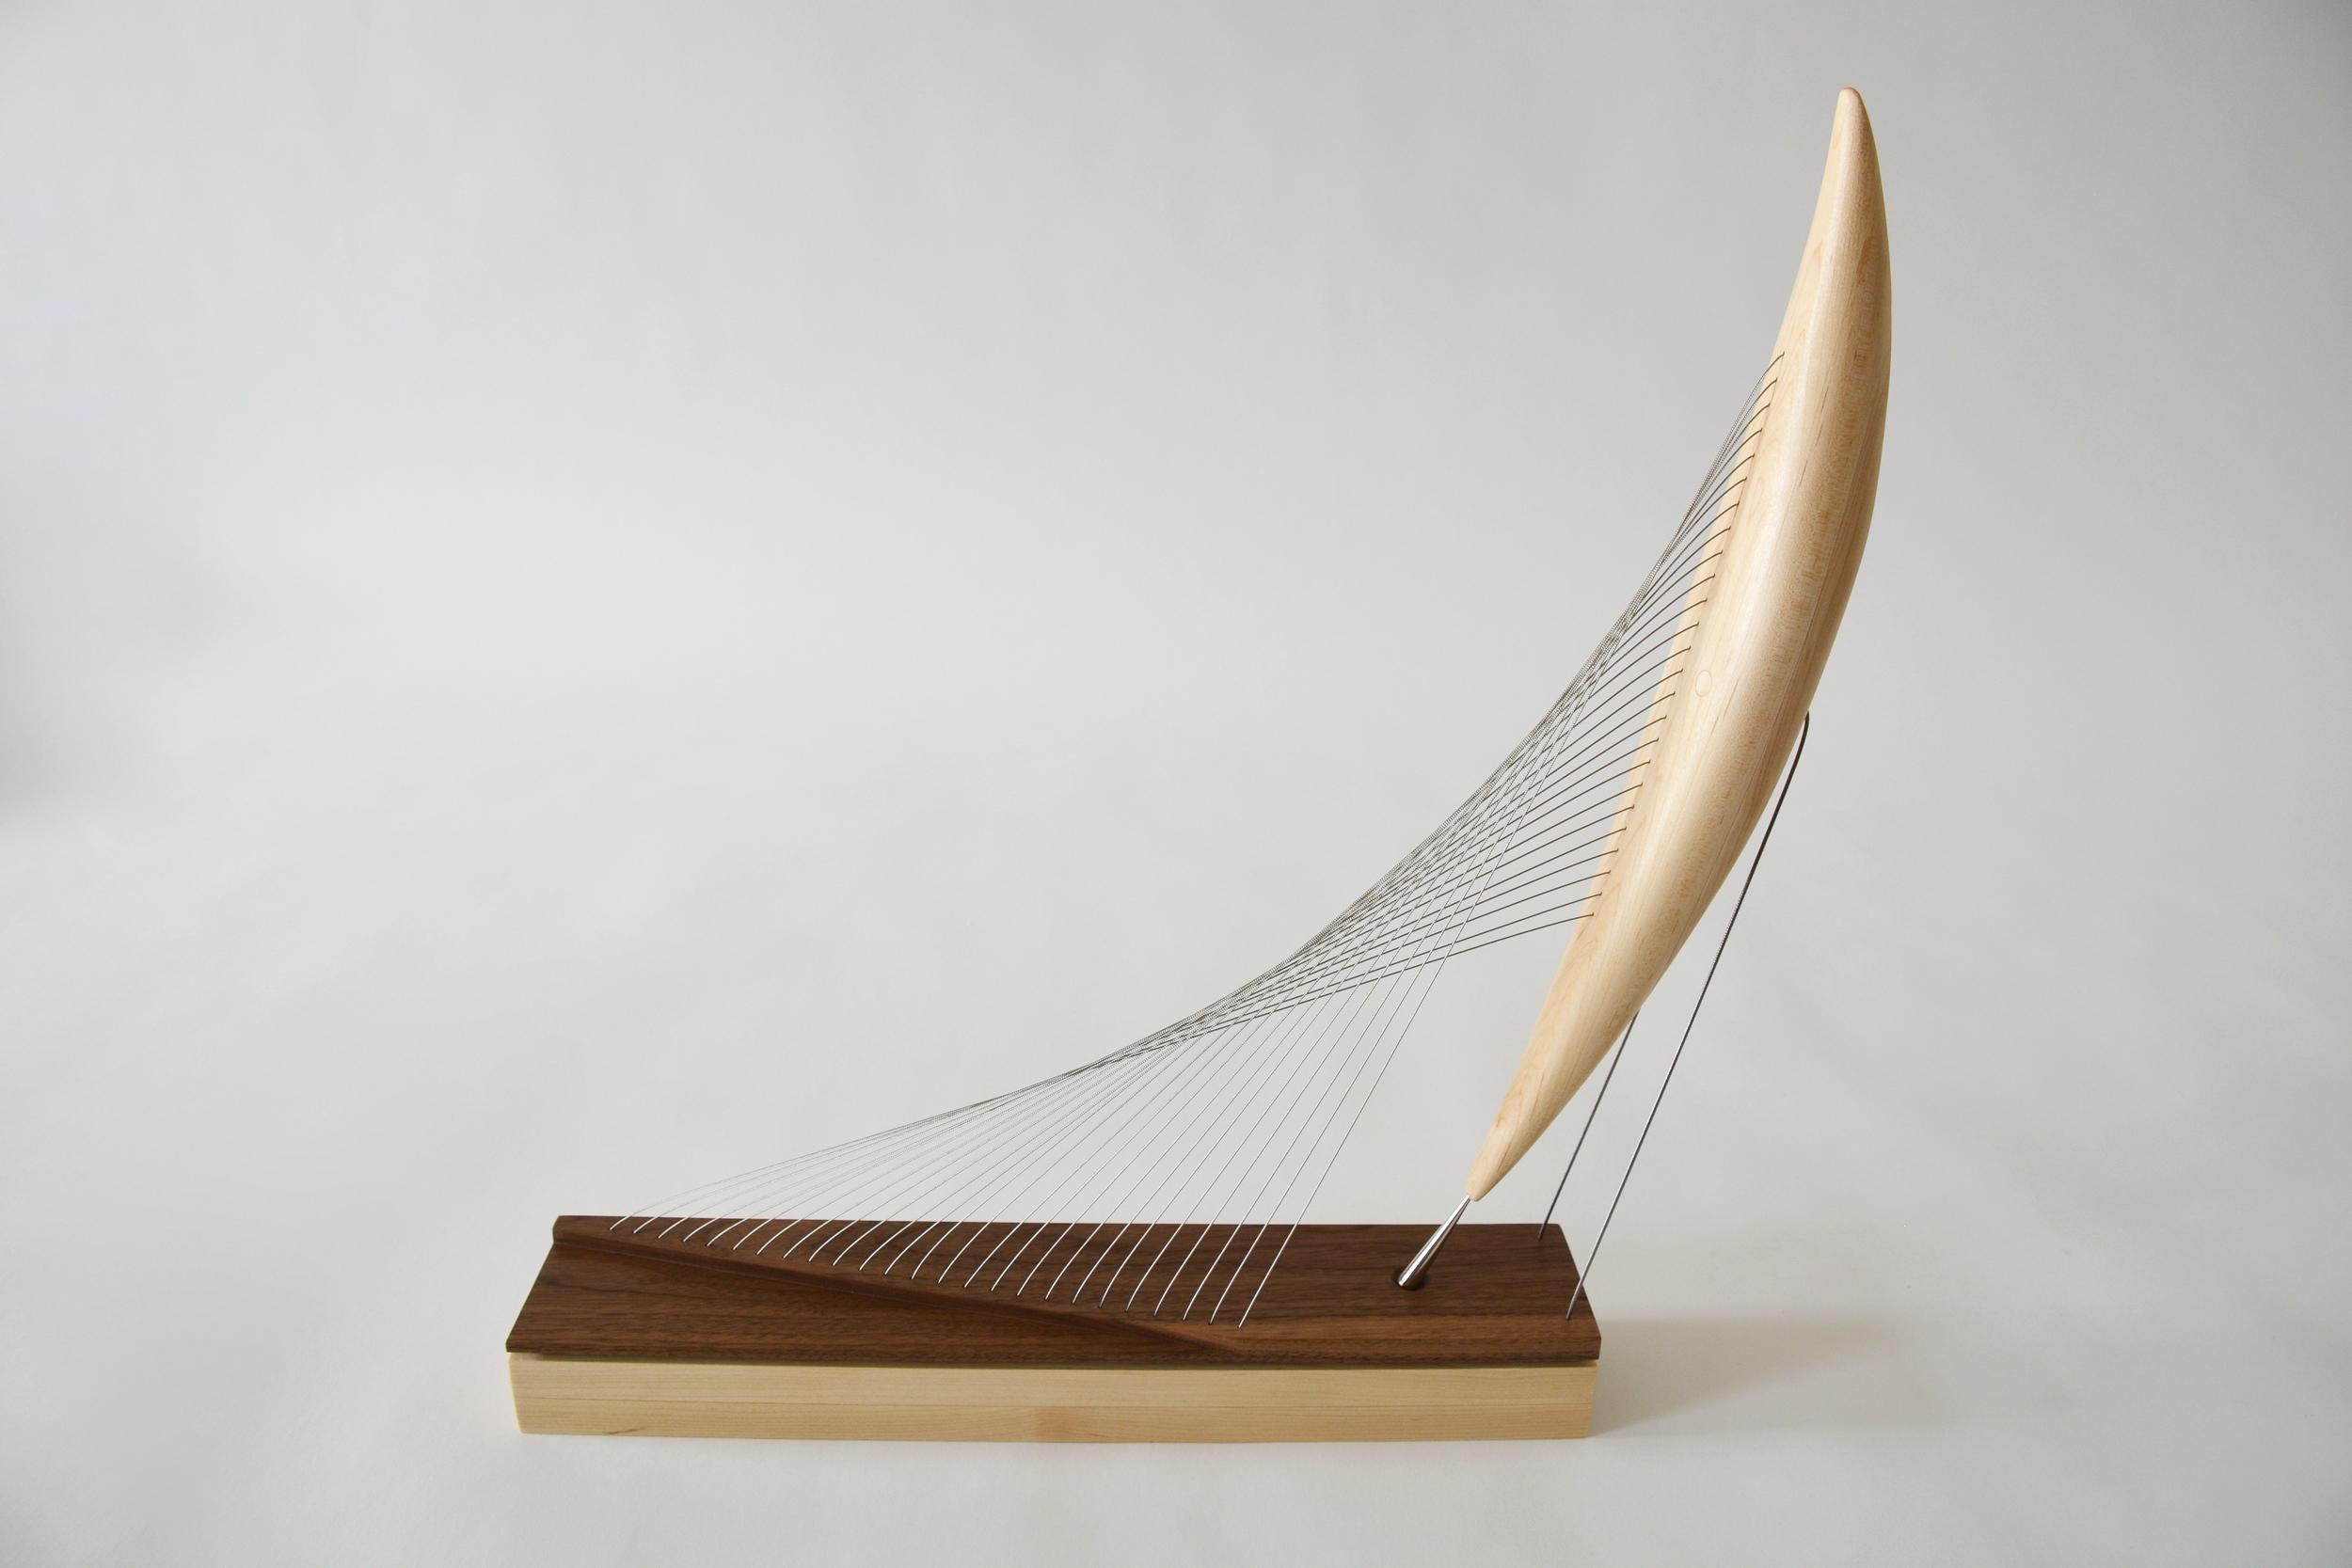 The final sculpture.